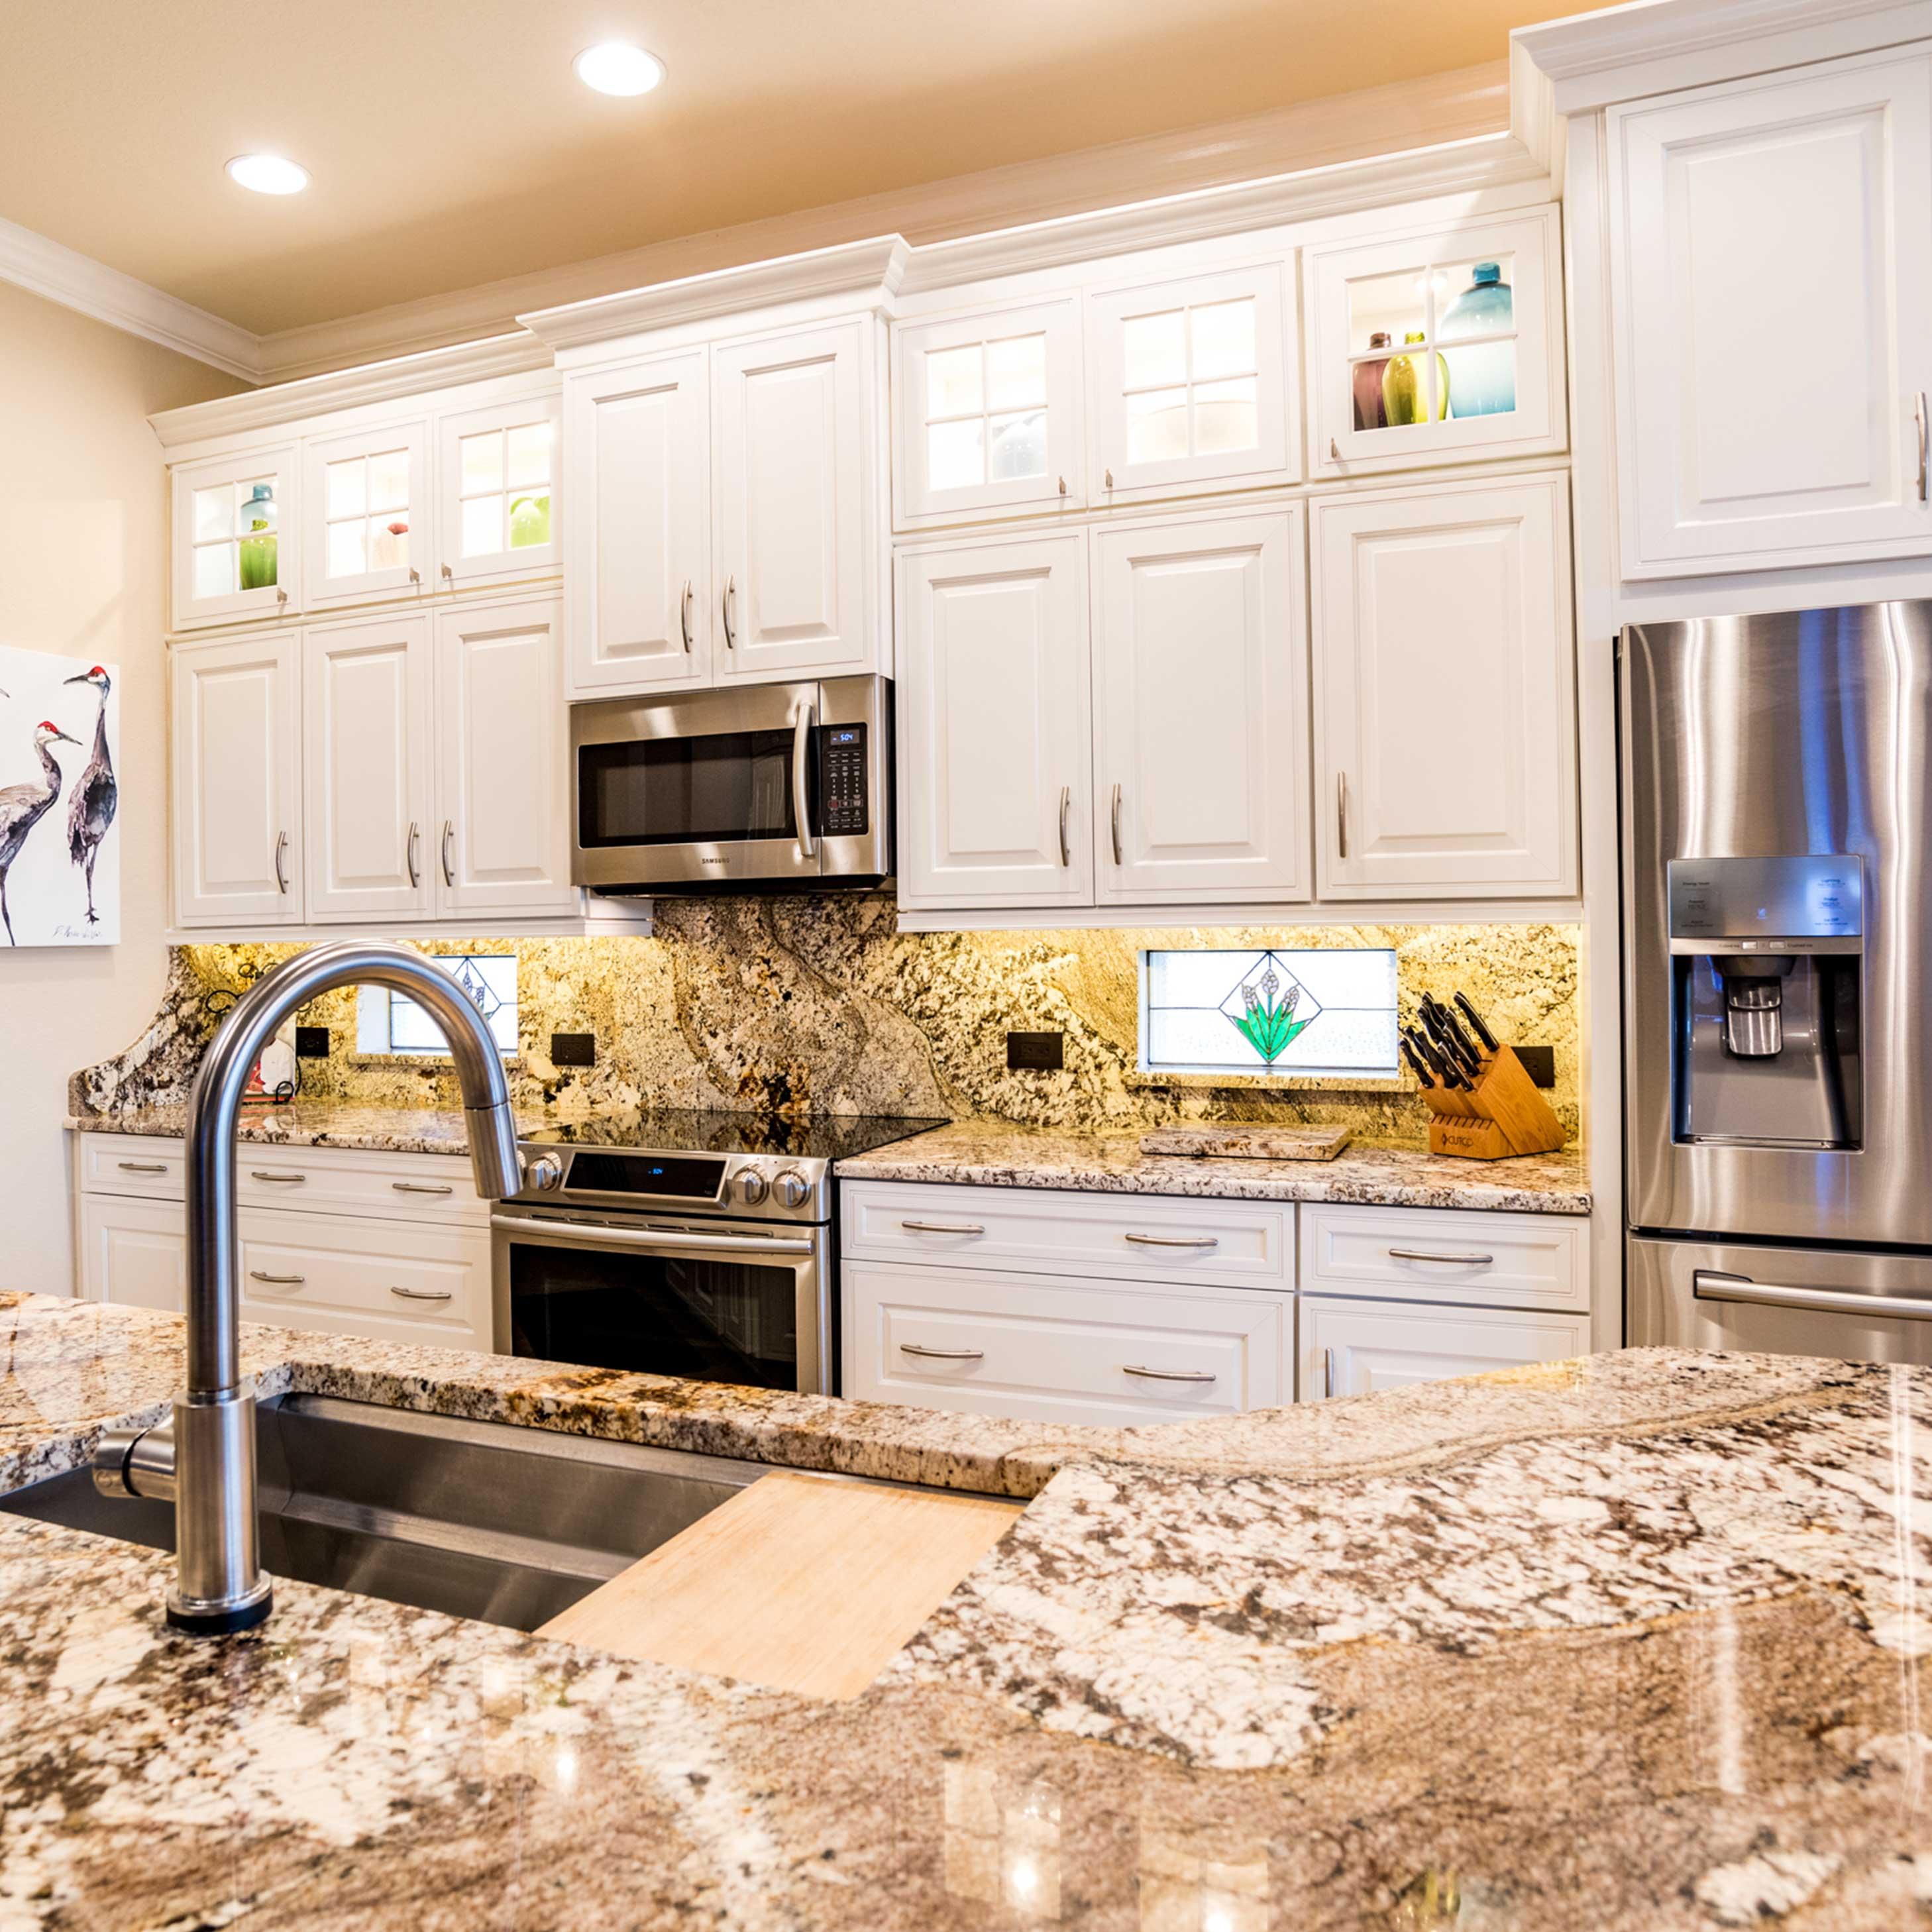 Certified Building Contractors in Lakeland, FL | Complete Kitchen ...